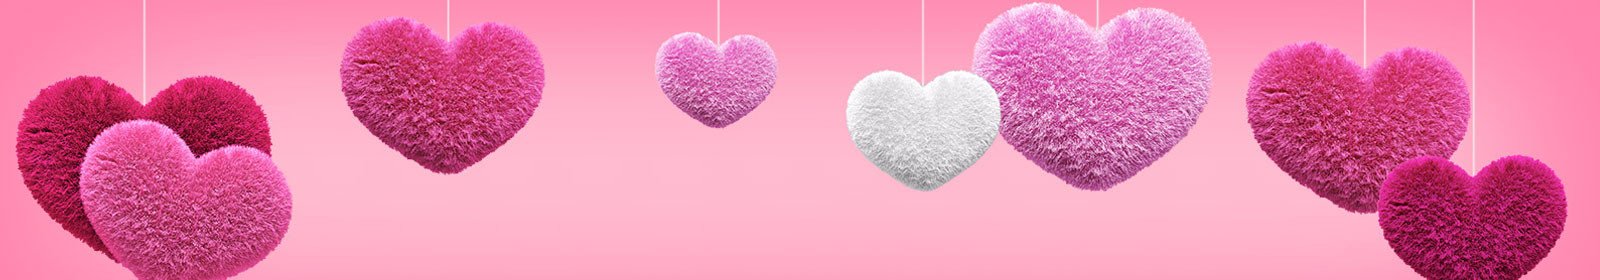 Cadeaux Saint Valentin